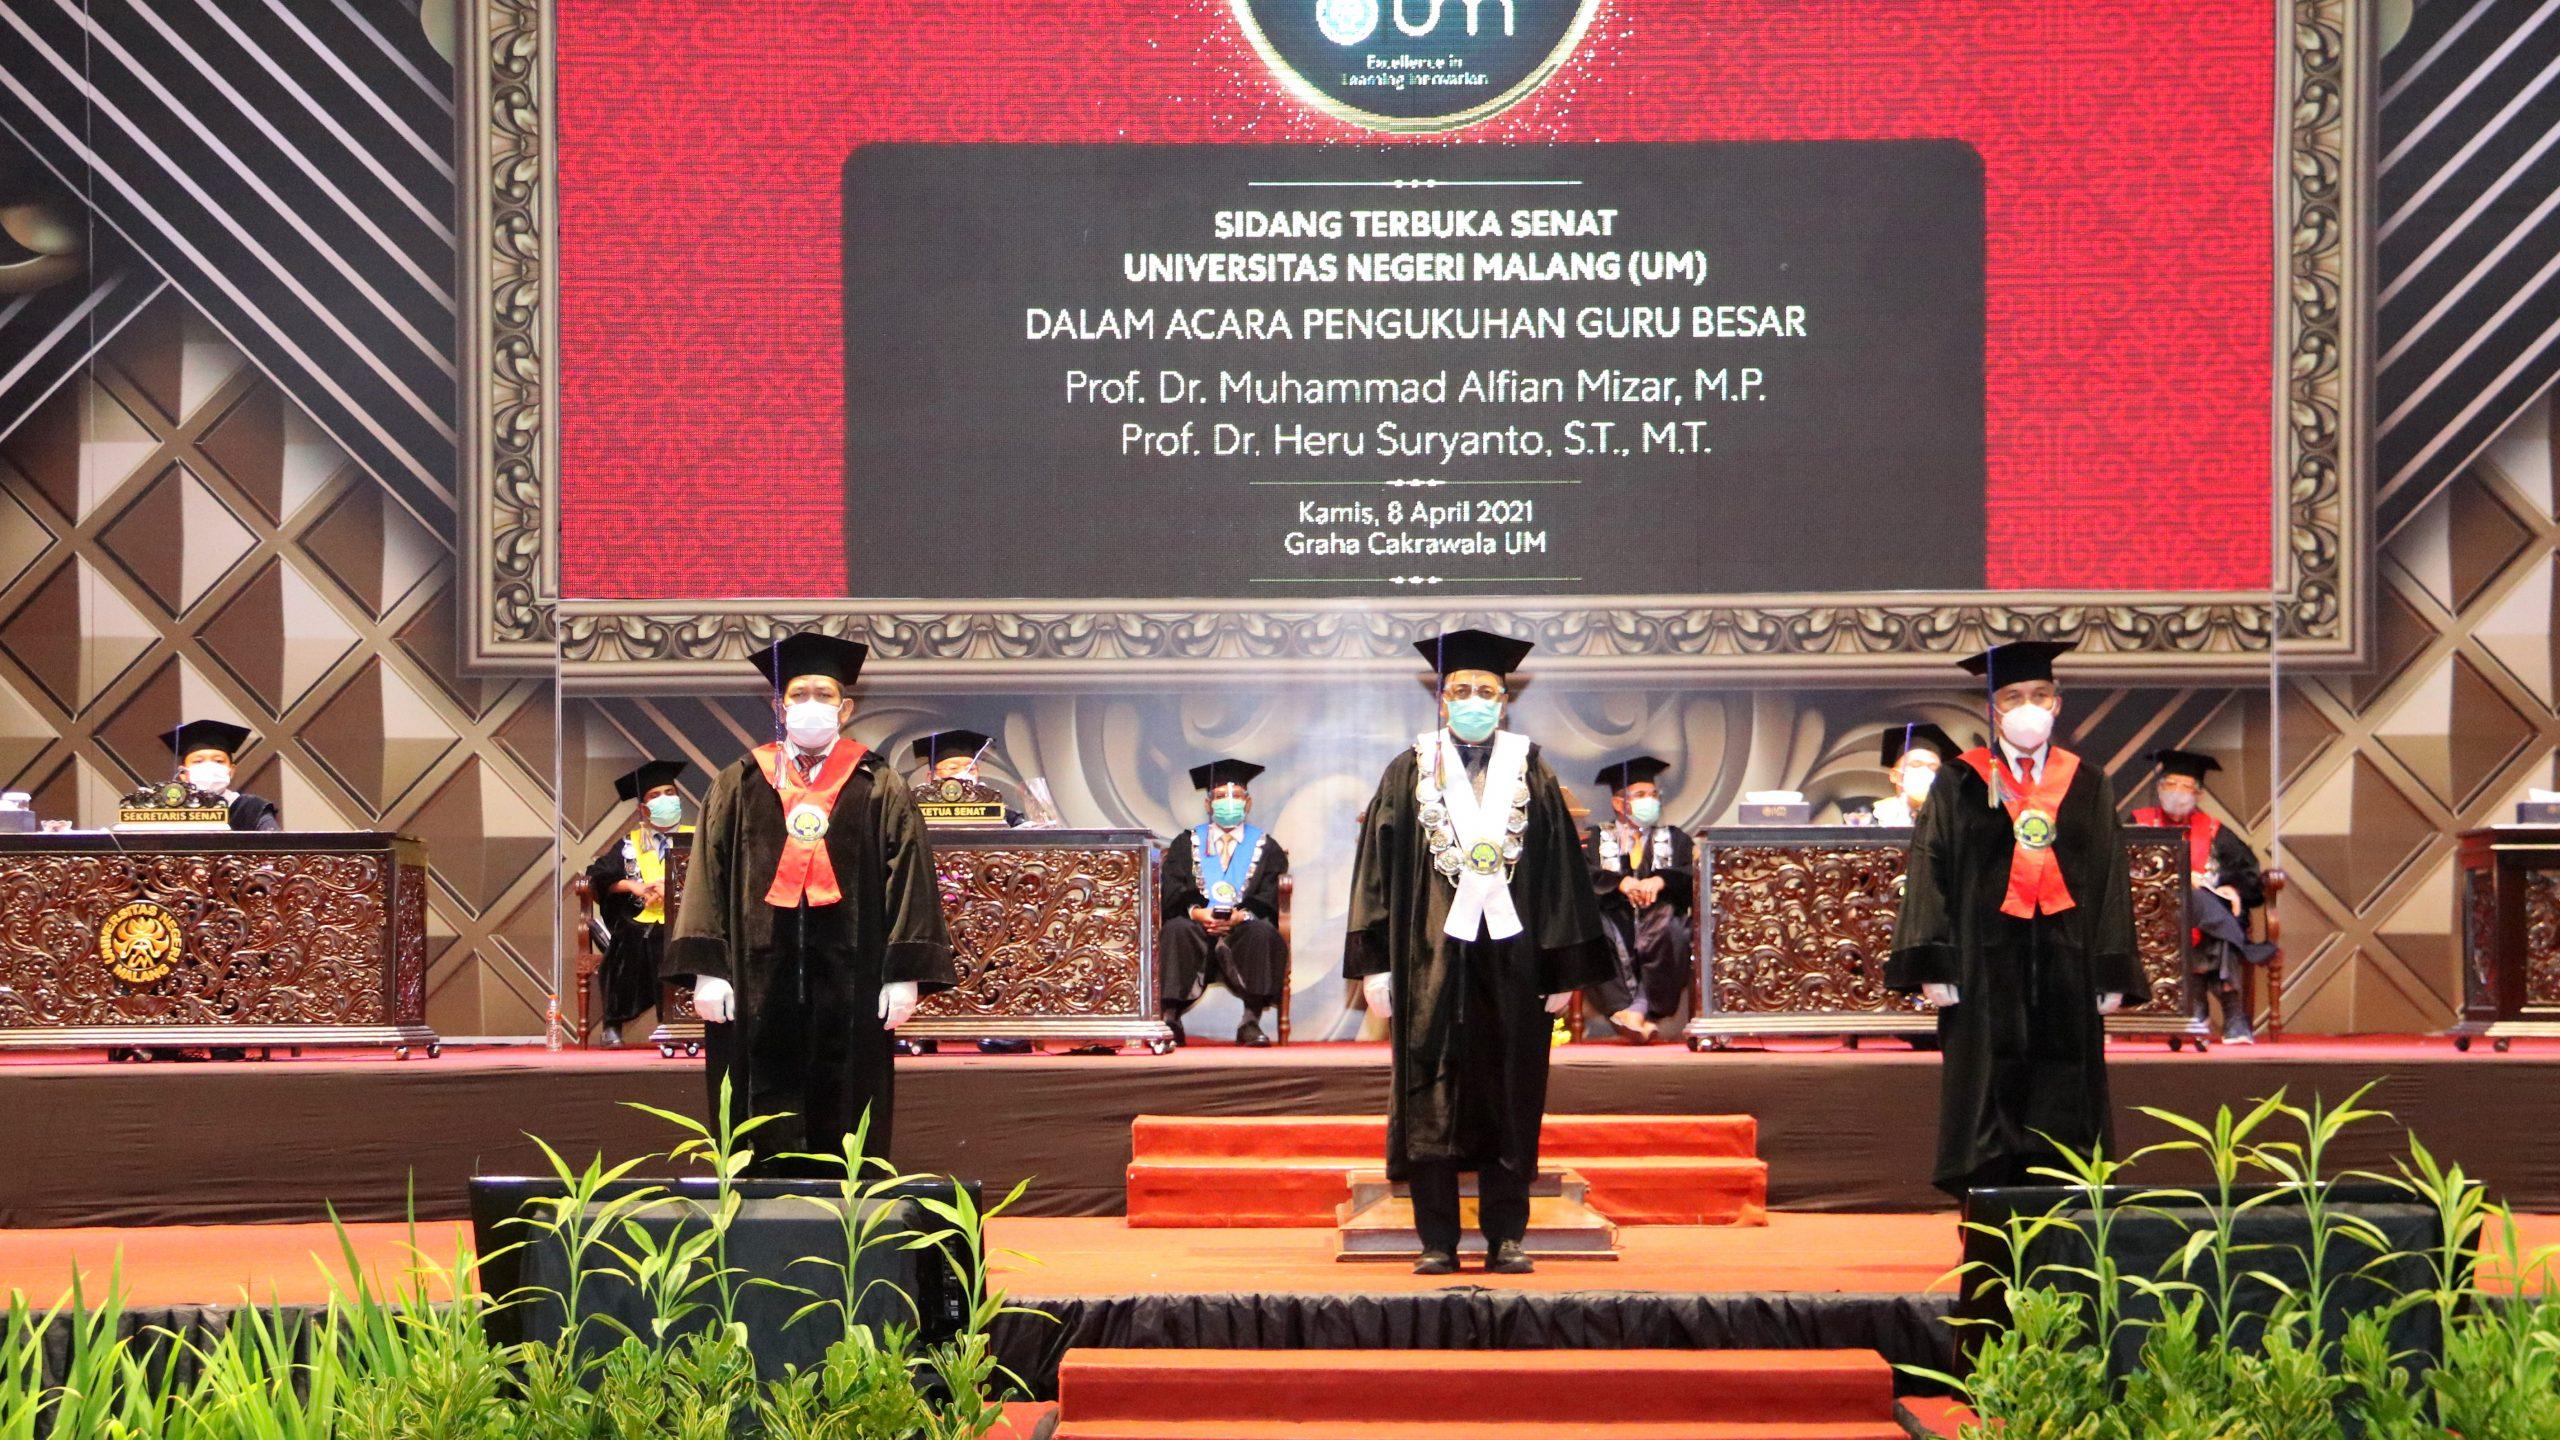 Photo of Dokumentasi Pengukuhan Guru Besar Fakultas Teknik UM, Prof. Dr. Muhammad Alfian Mizar, M.P. dan Prof. Dr. Heru Suryanto, S.T., M.T.